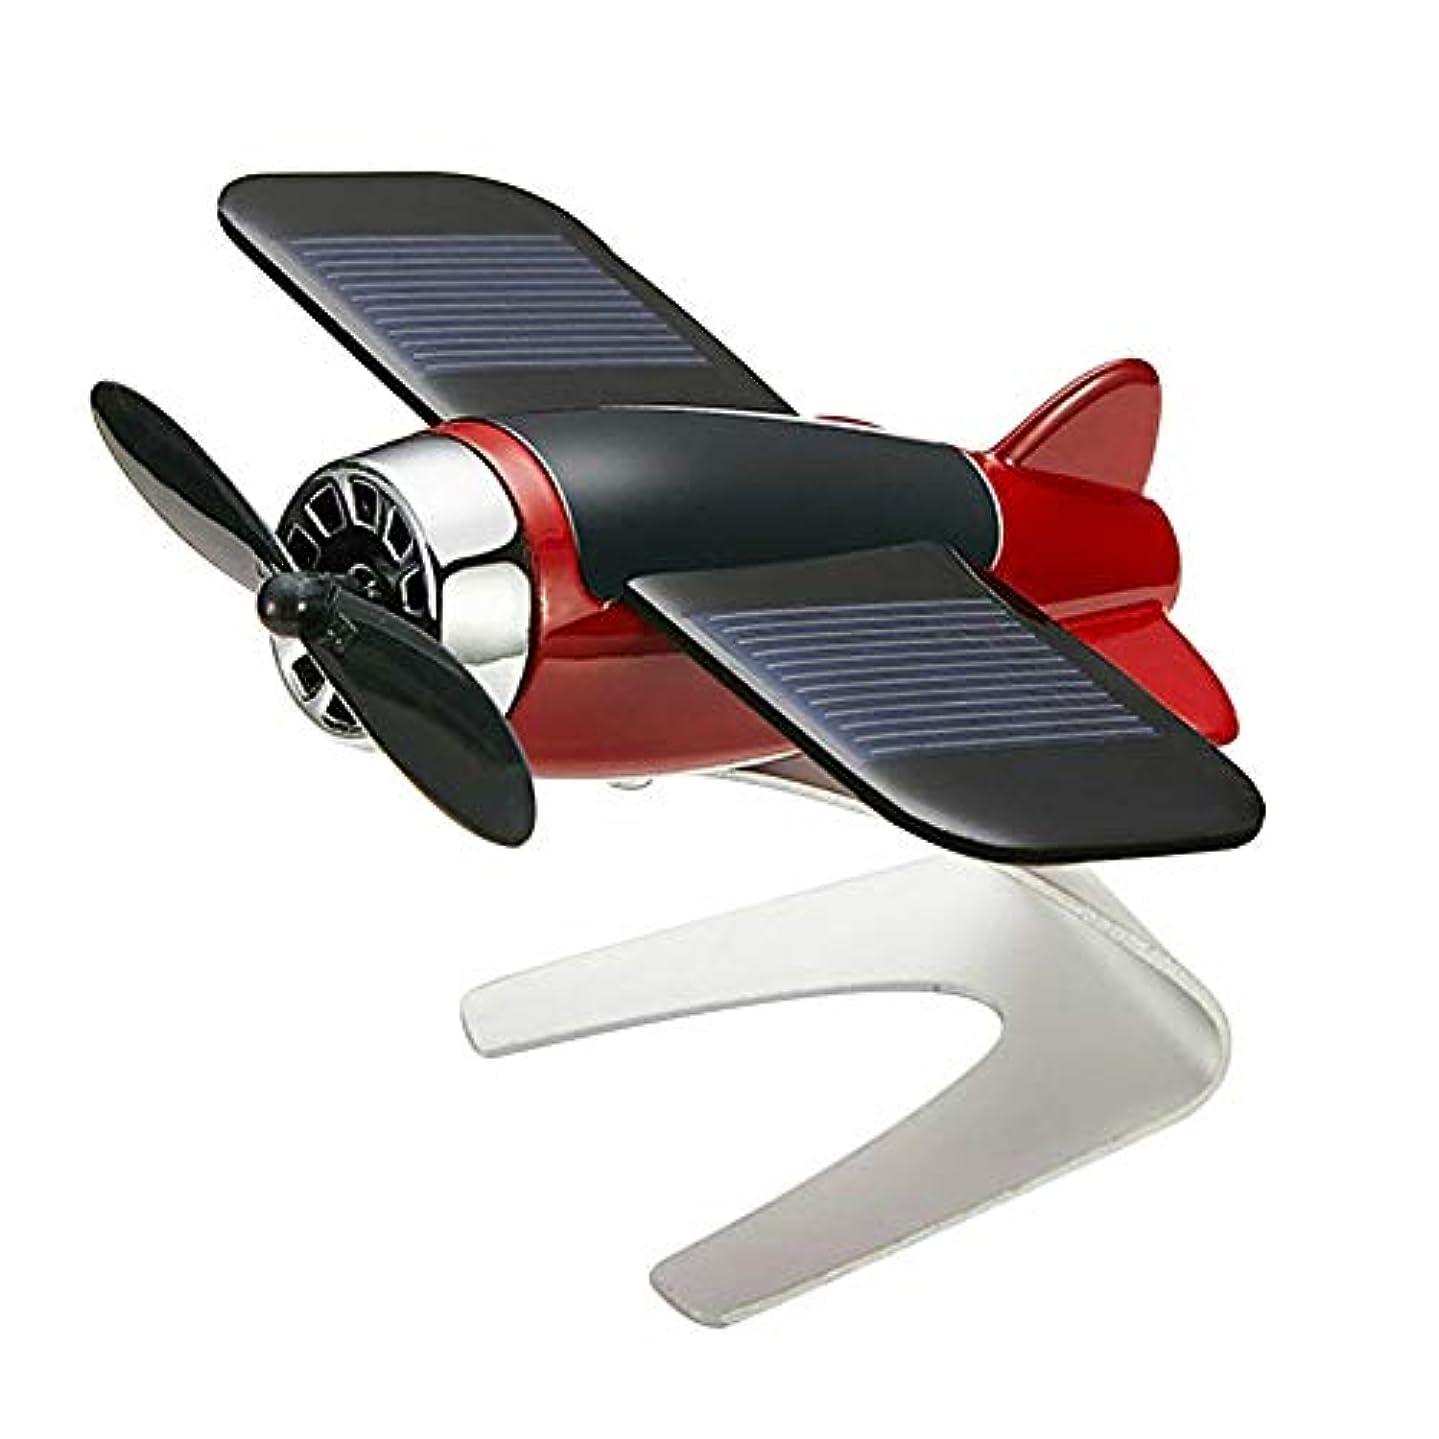 カブ好む人柄Symboat 車の芳香剤飛行機航空機モデル太陽エネルギーアロマテラピー室内装飾